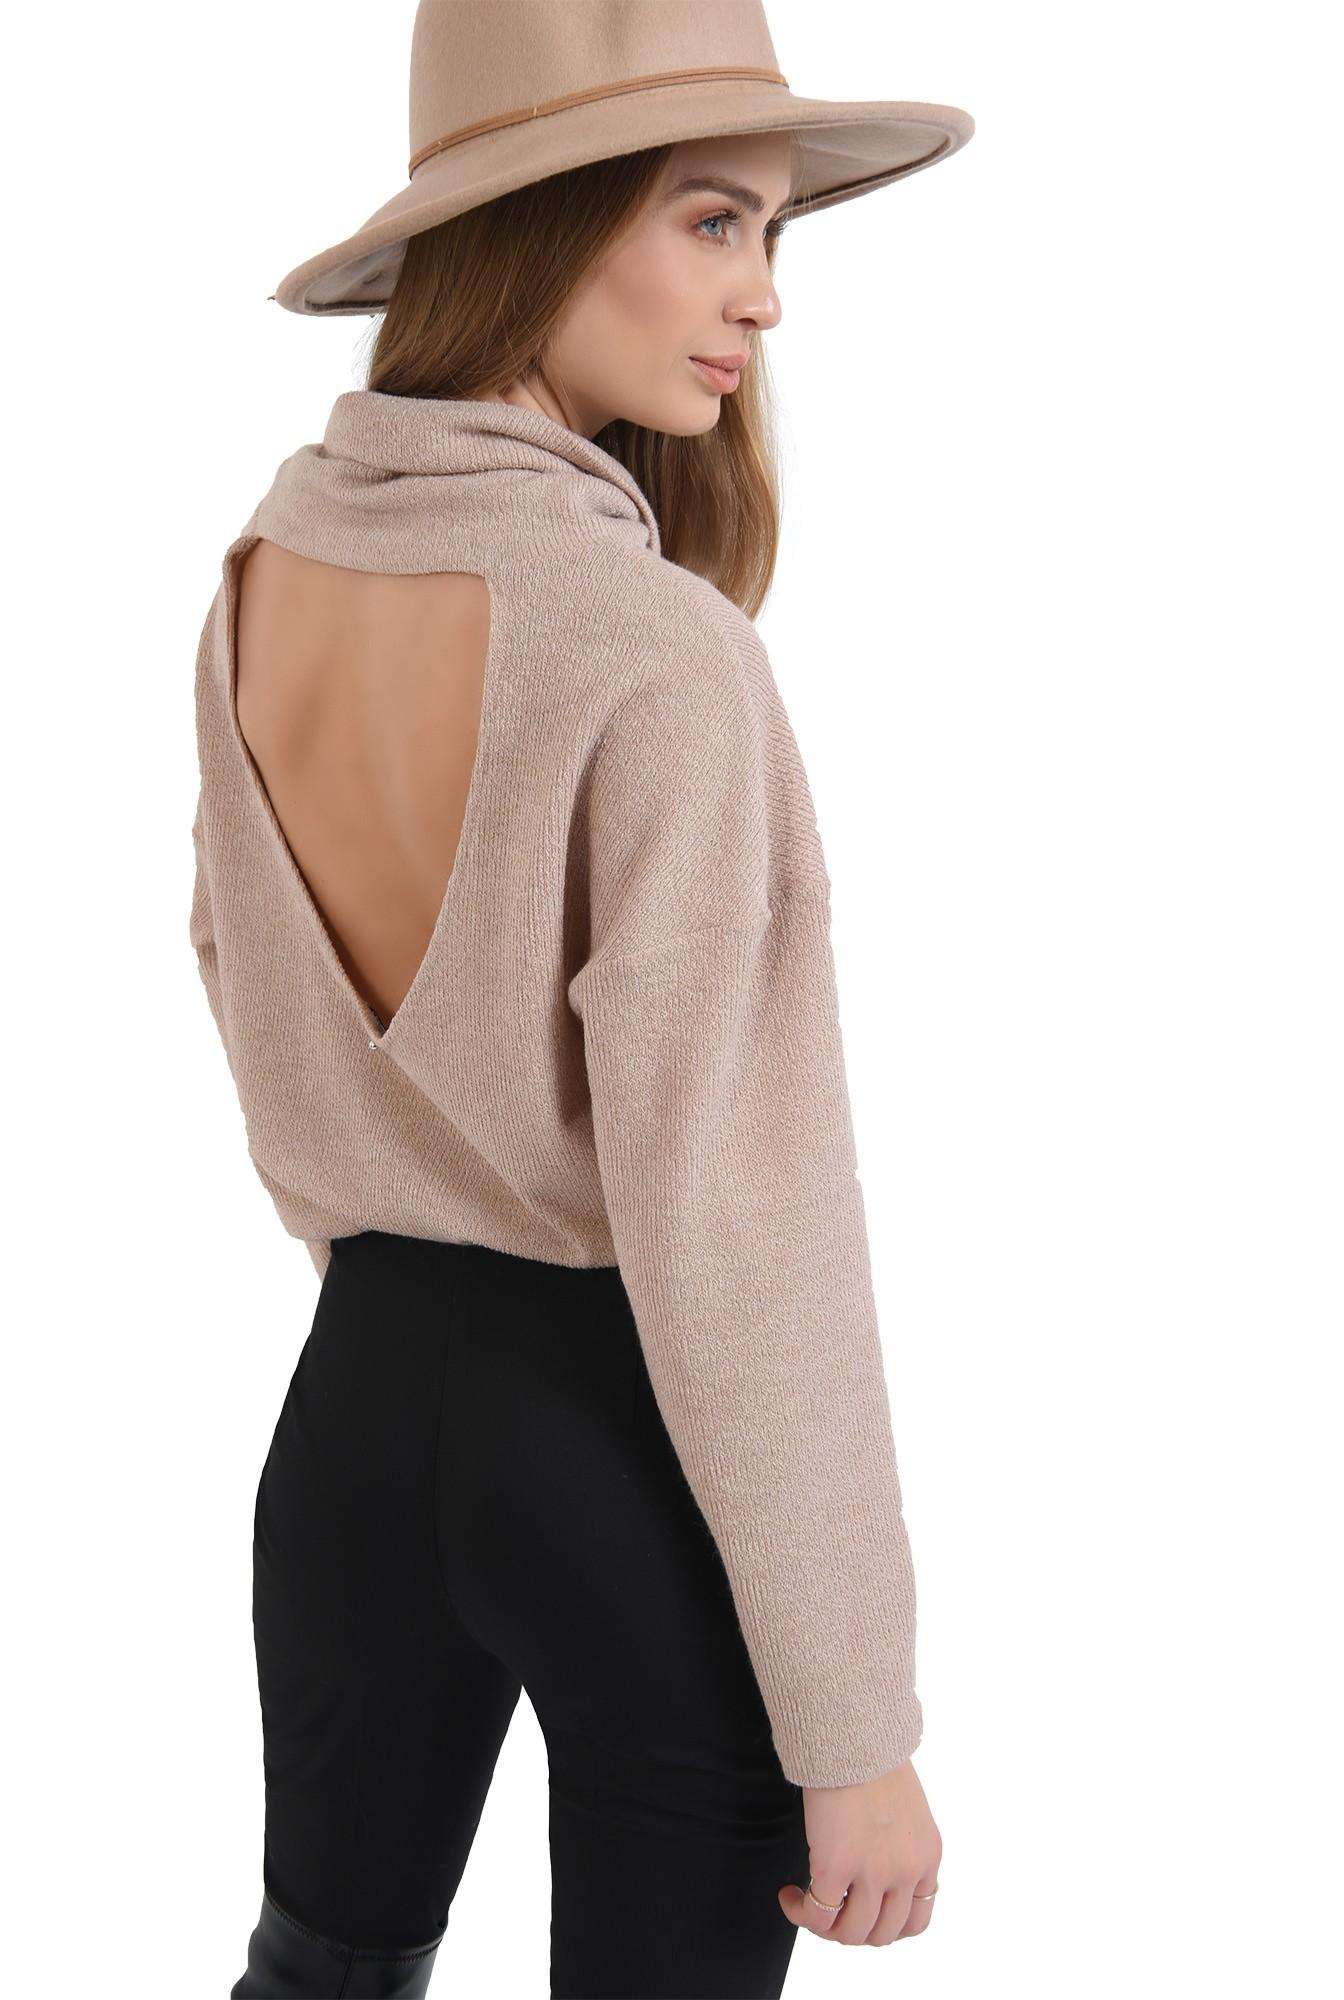 3 - pulover tricotat,bej, cu guler inalt